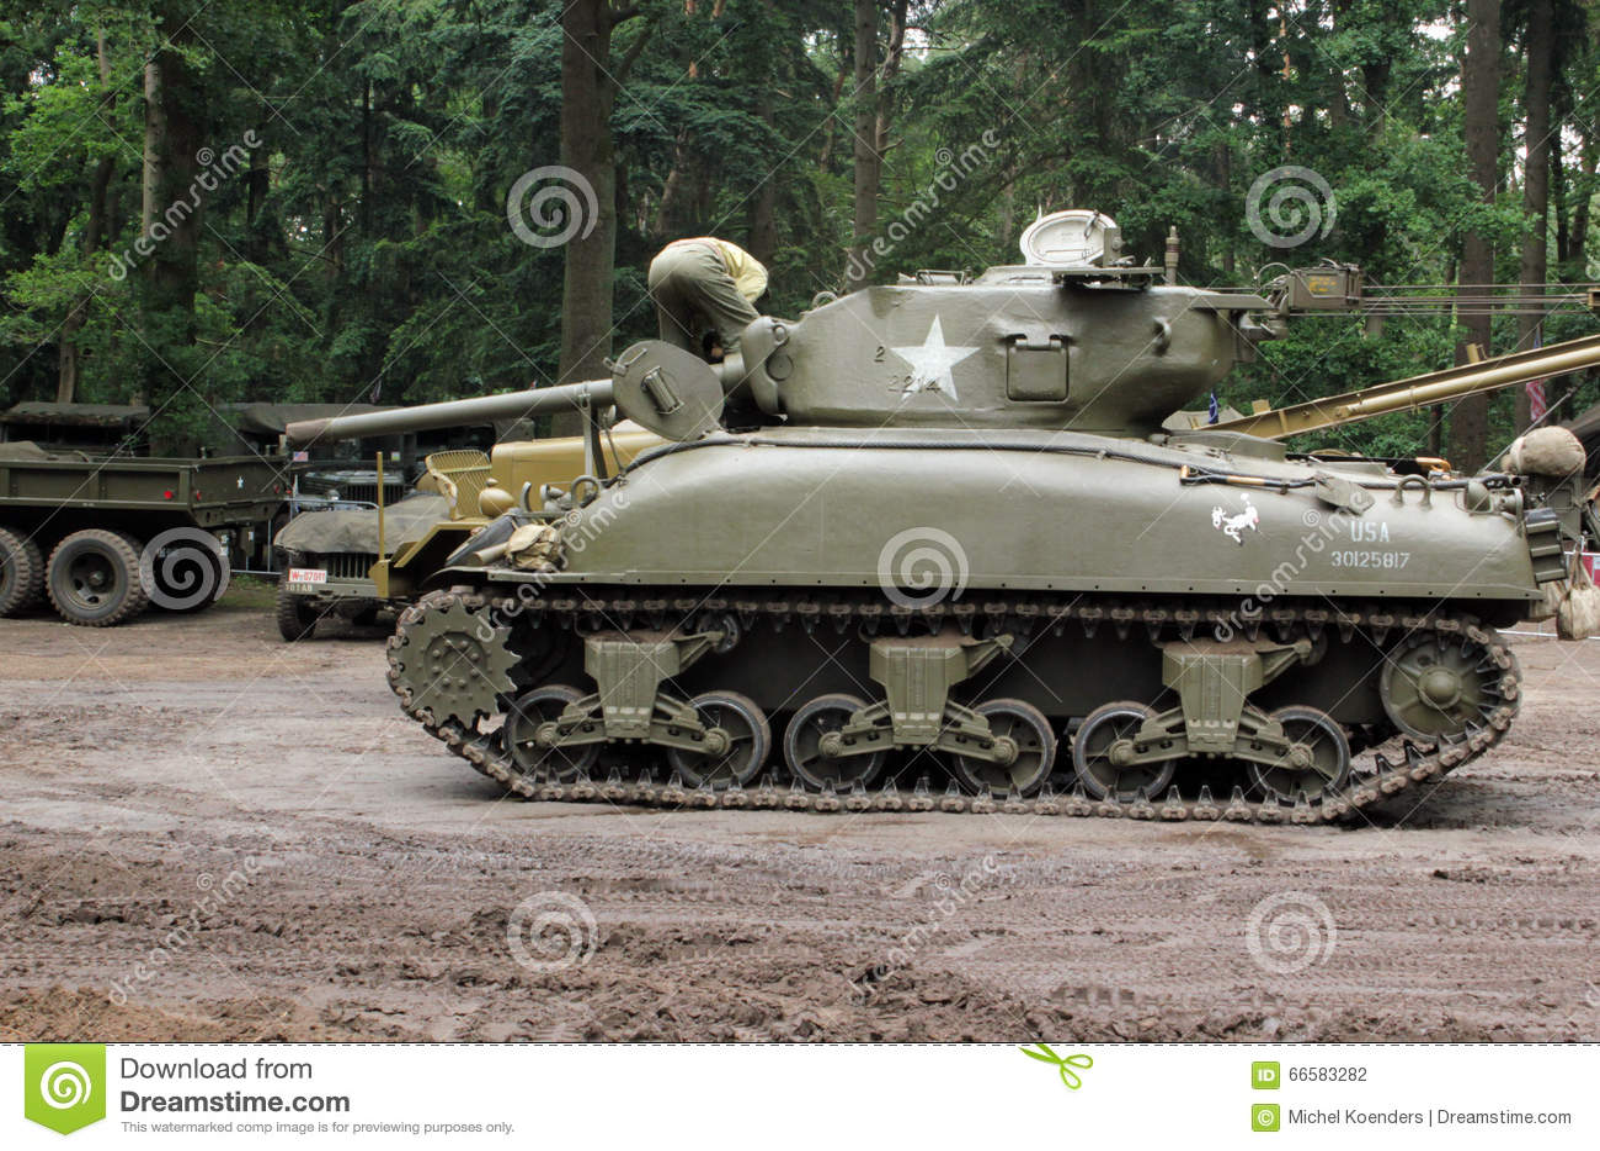 Sherman tank starting up engine